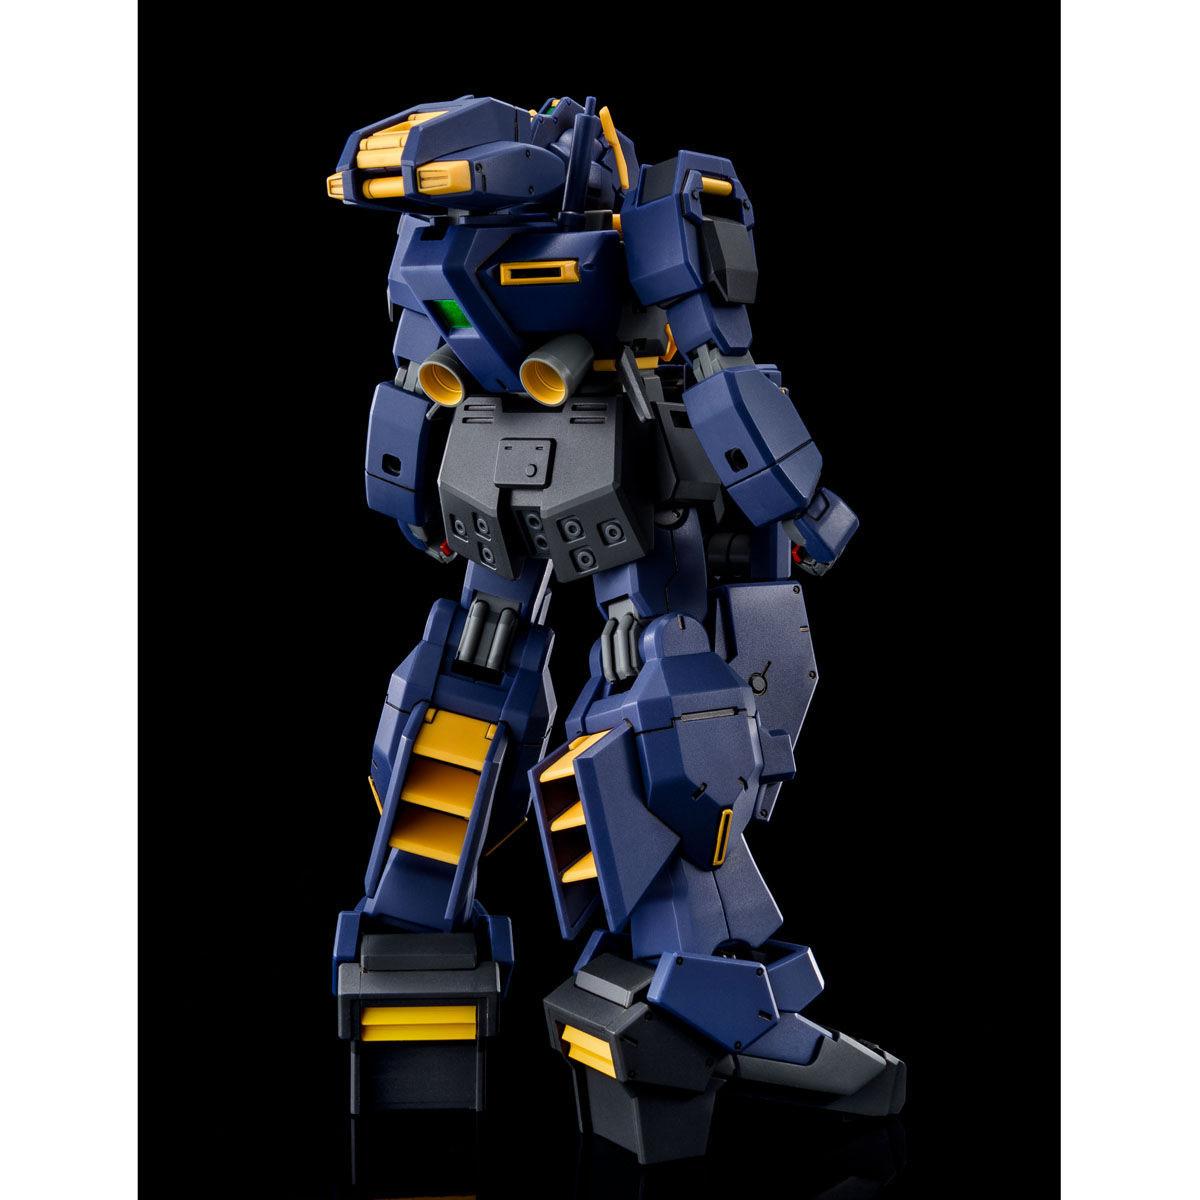 【限定販売】HG 1/144『ガンダムTR-1 次世代量産機(実戦配備カラー)』プラモデル-003